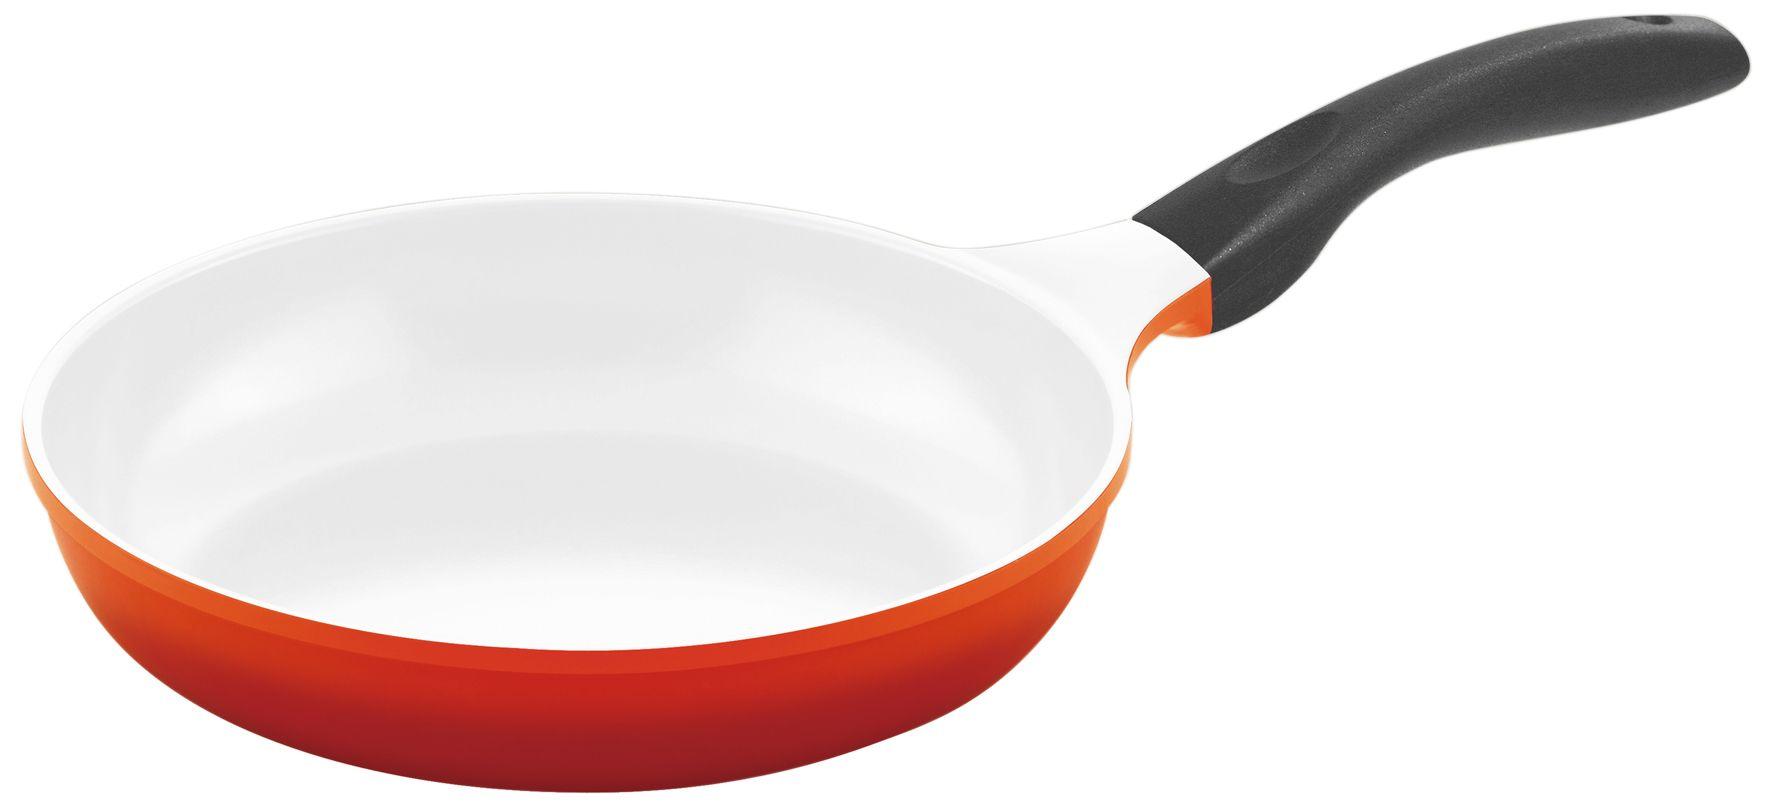 culinario pfanne mit keramikbeschichtung 24 cm in rot f r induktionsherd geeignet m